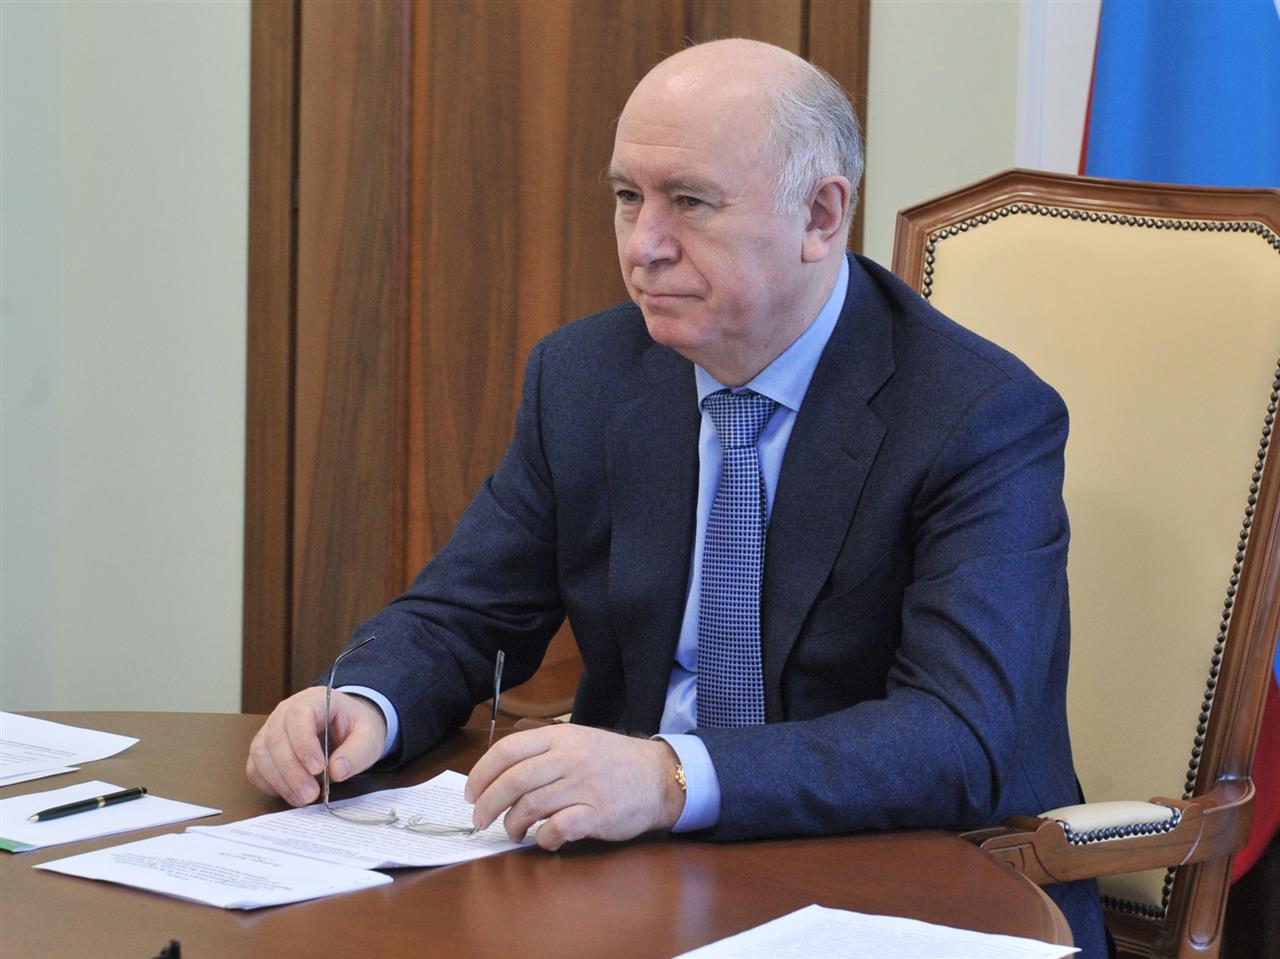 Губернатор Самарской области обсудил в российской столице социально-экономиечское развитие региона